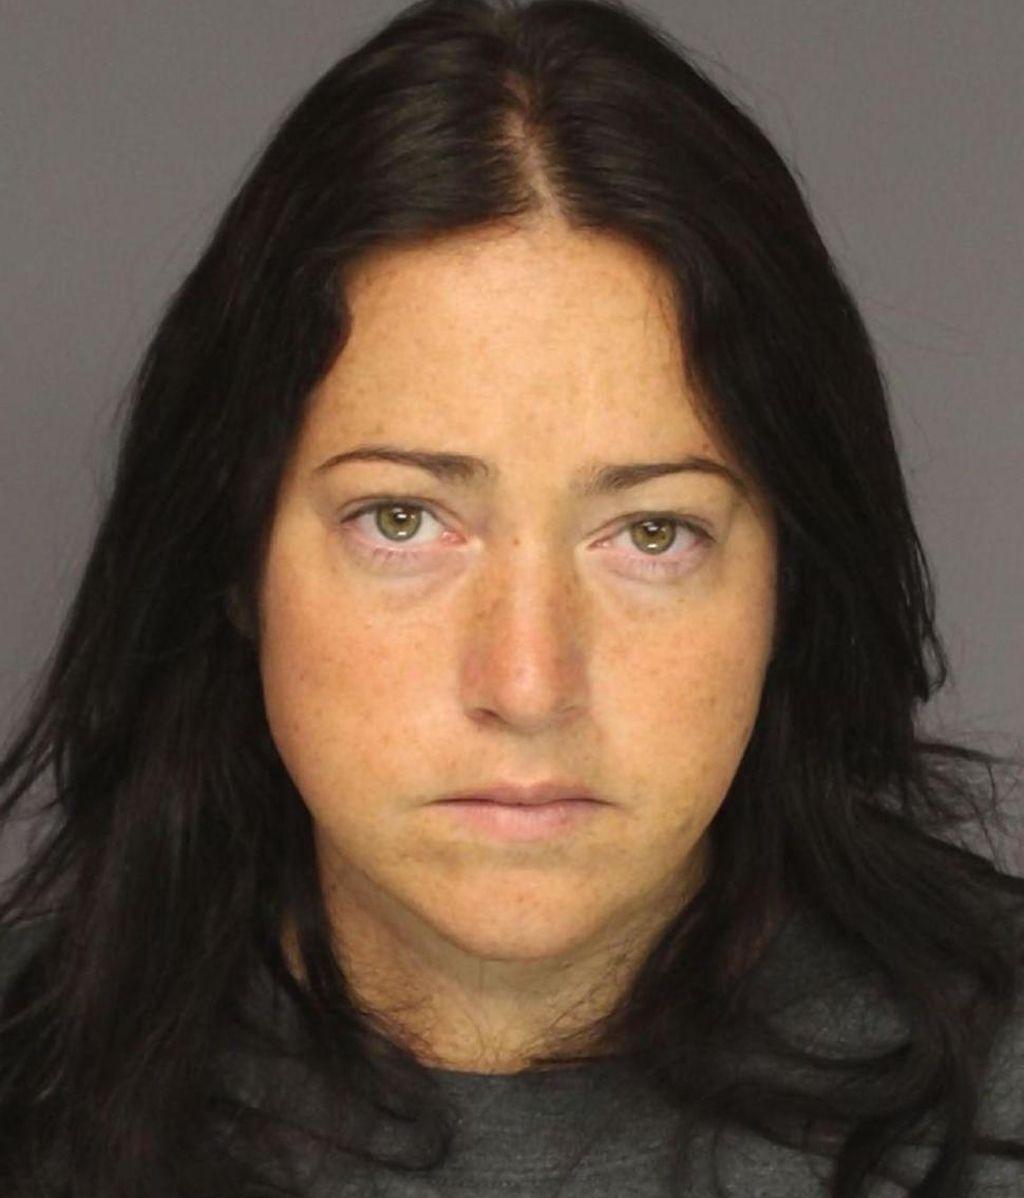 Detenida por mantener relaciones sexuales con seis alumnos en Nueva Jersey